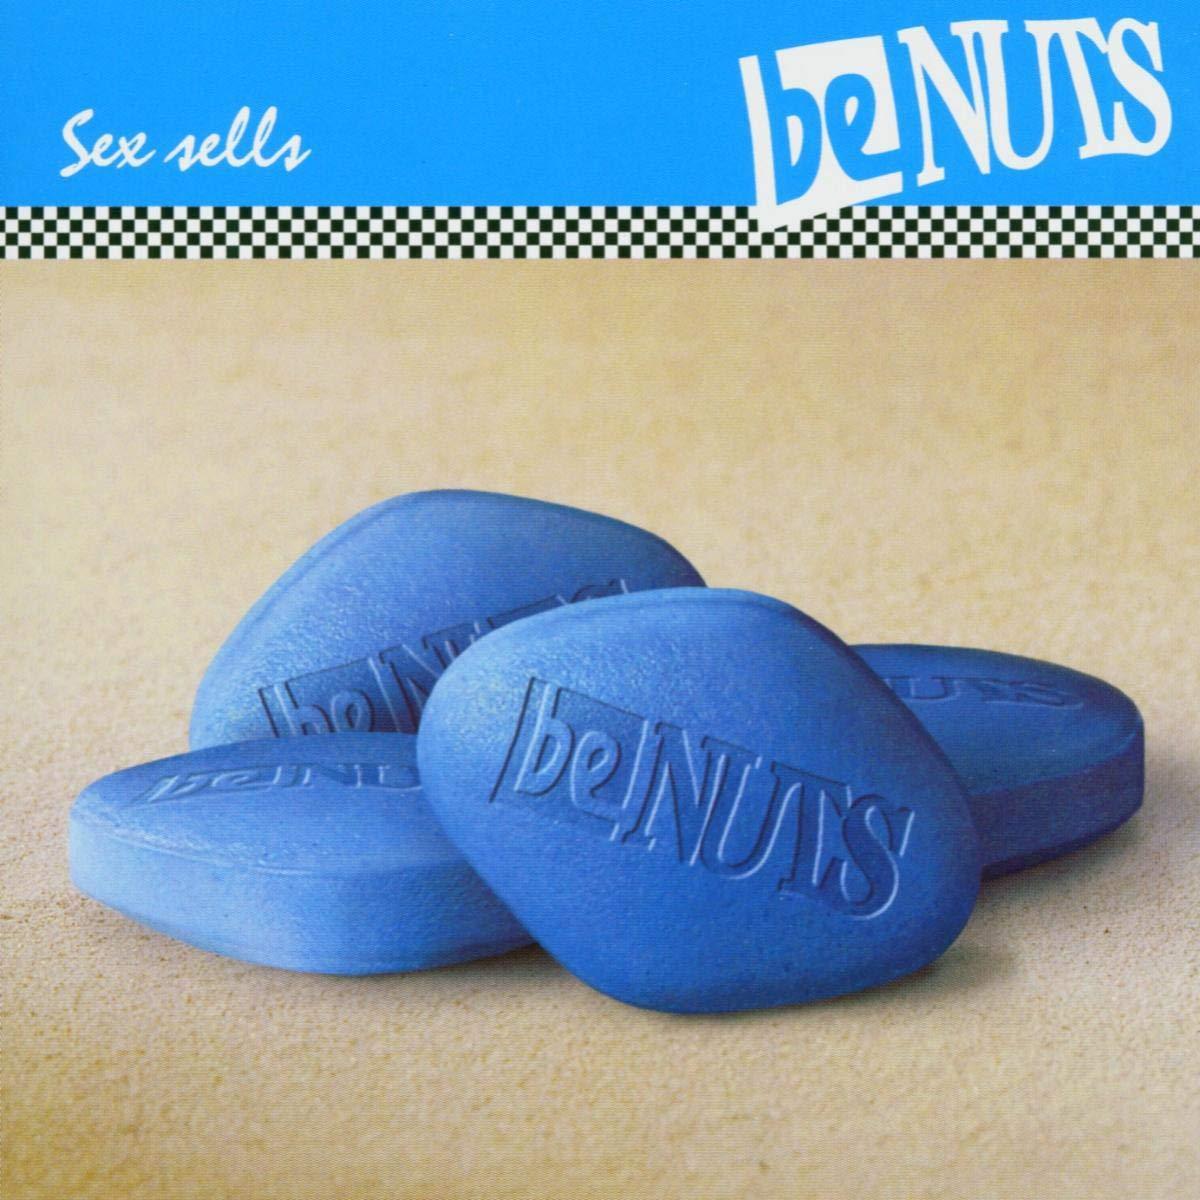 BENUTS